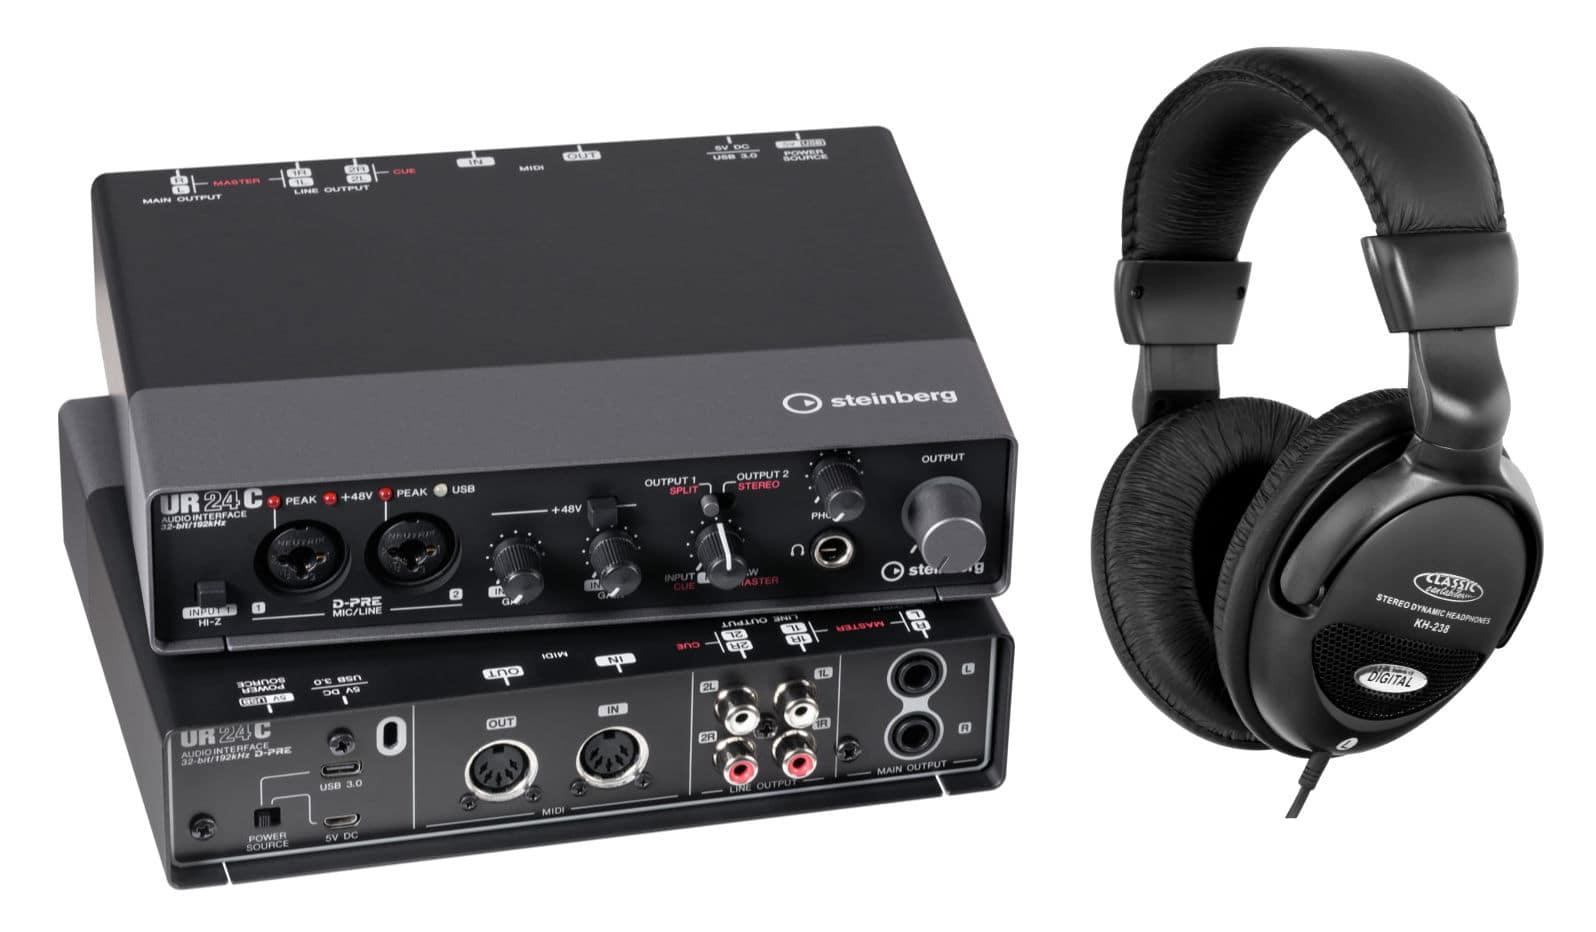 Pchardware - Steinberg UR24C USB Audio Interface Set - Onlineshop Musikhaus Kirstein